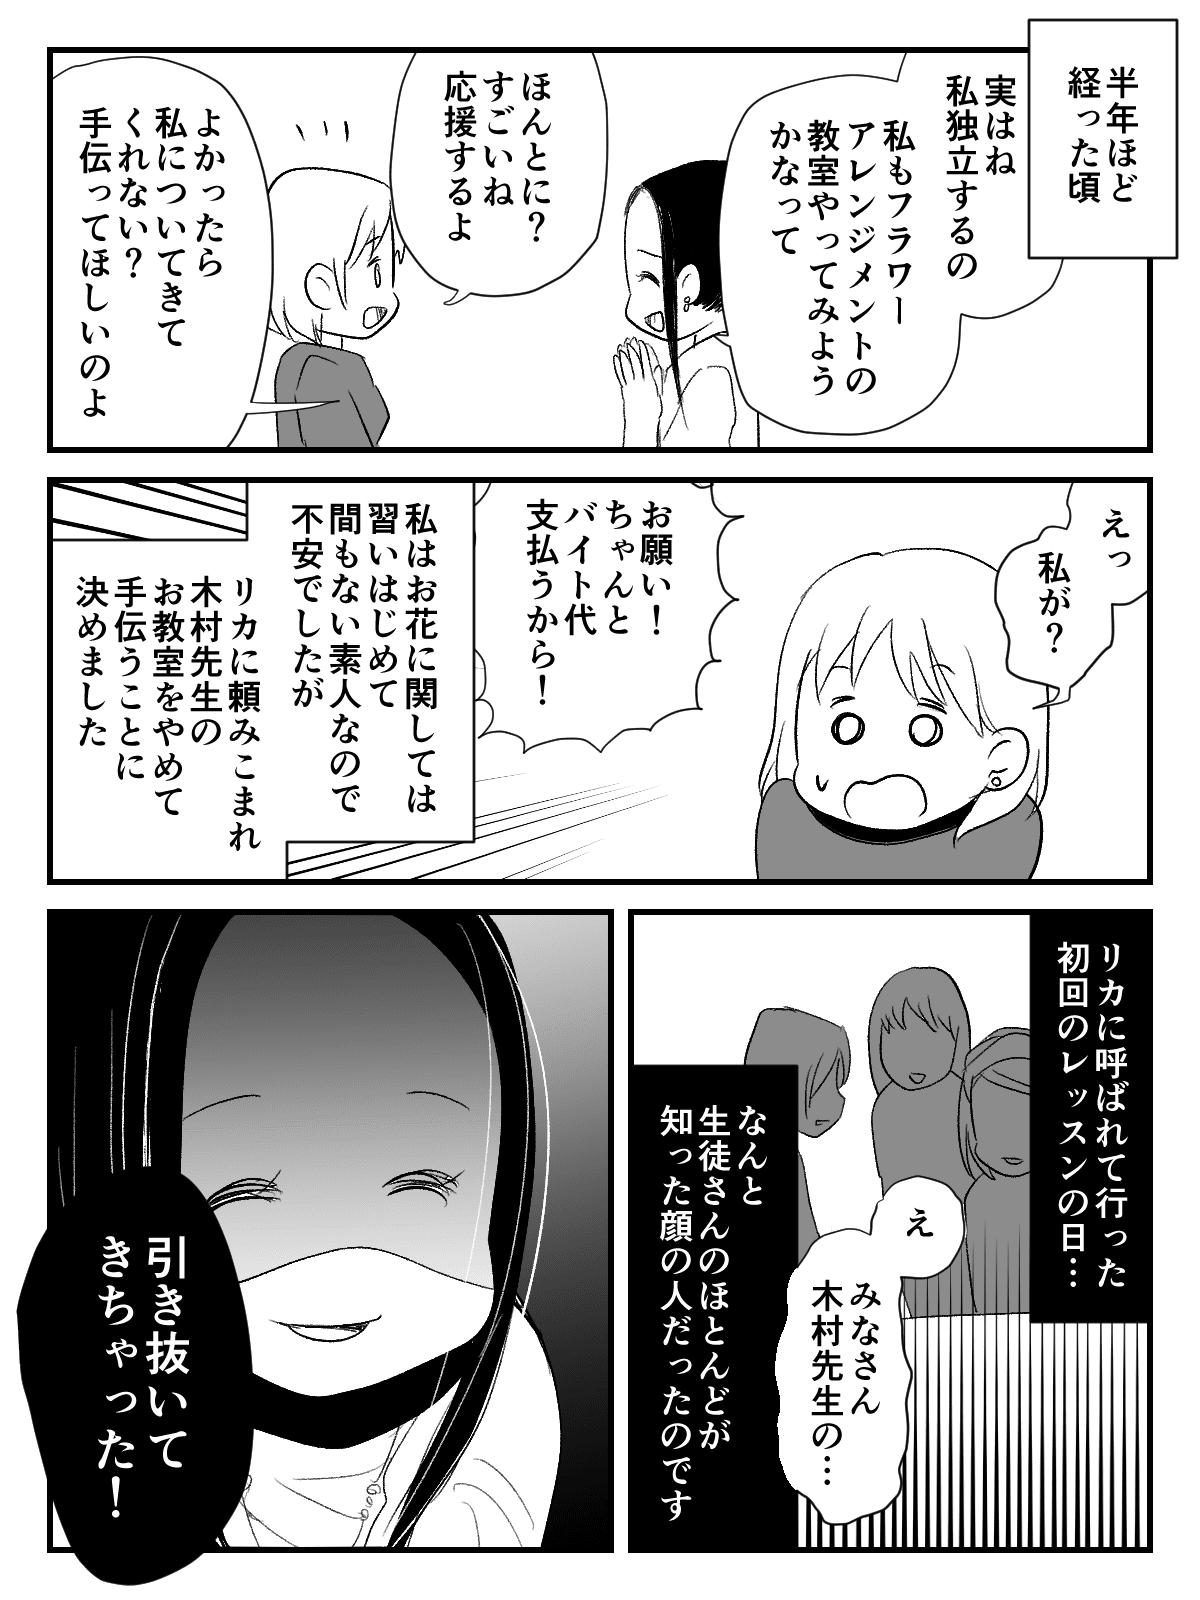 インフルエンサーな_出力_002